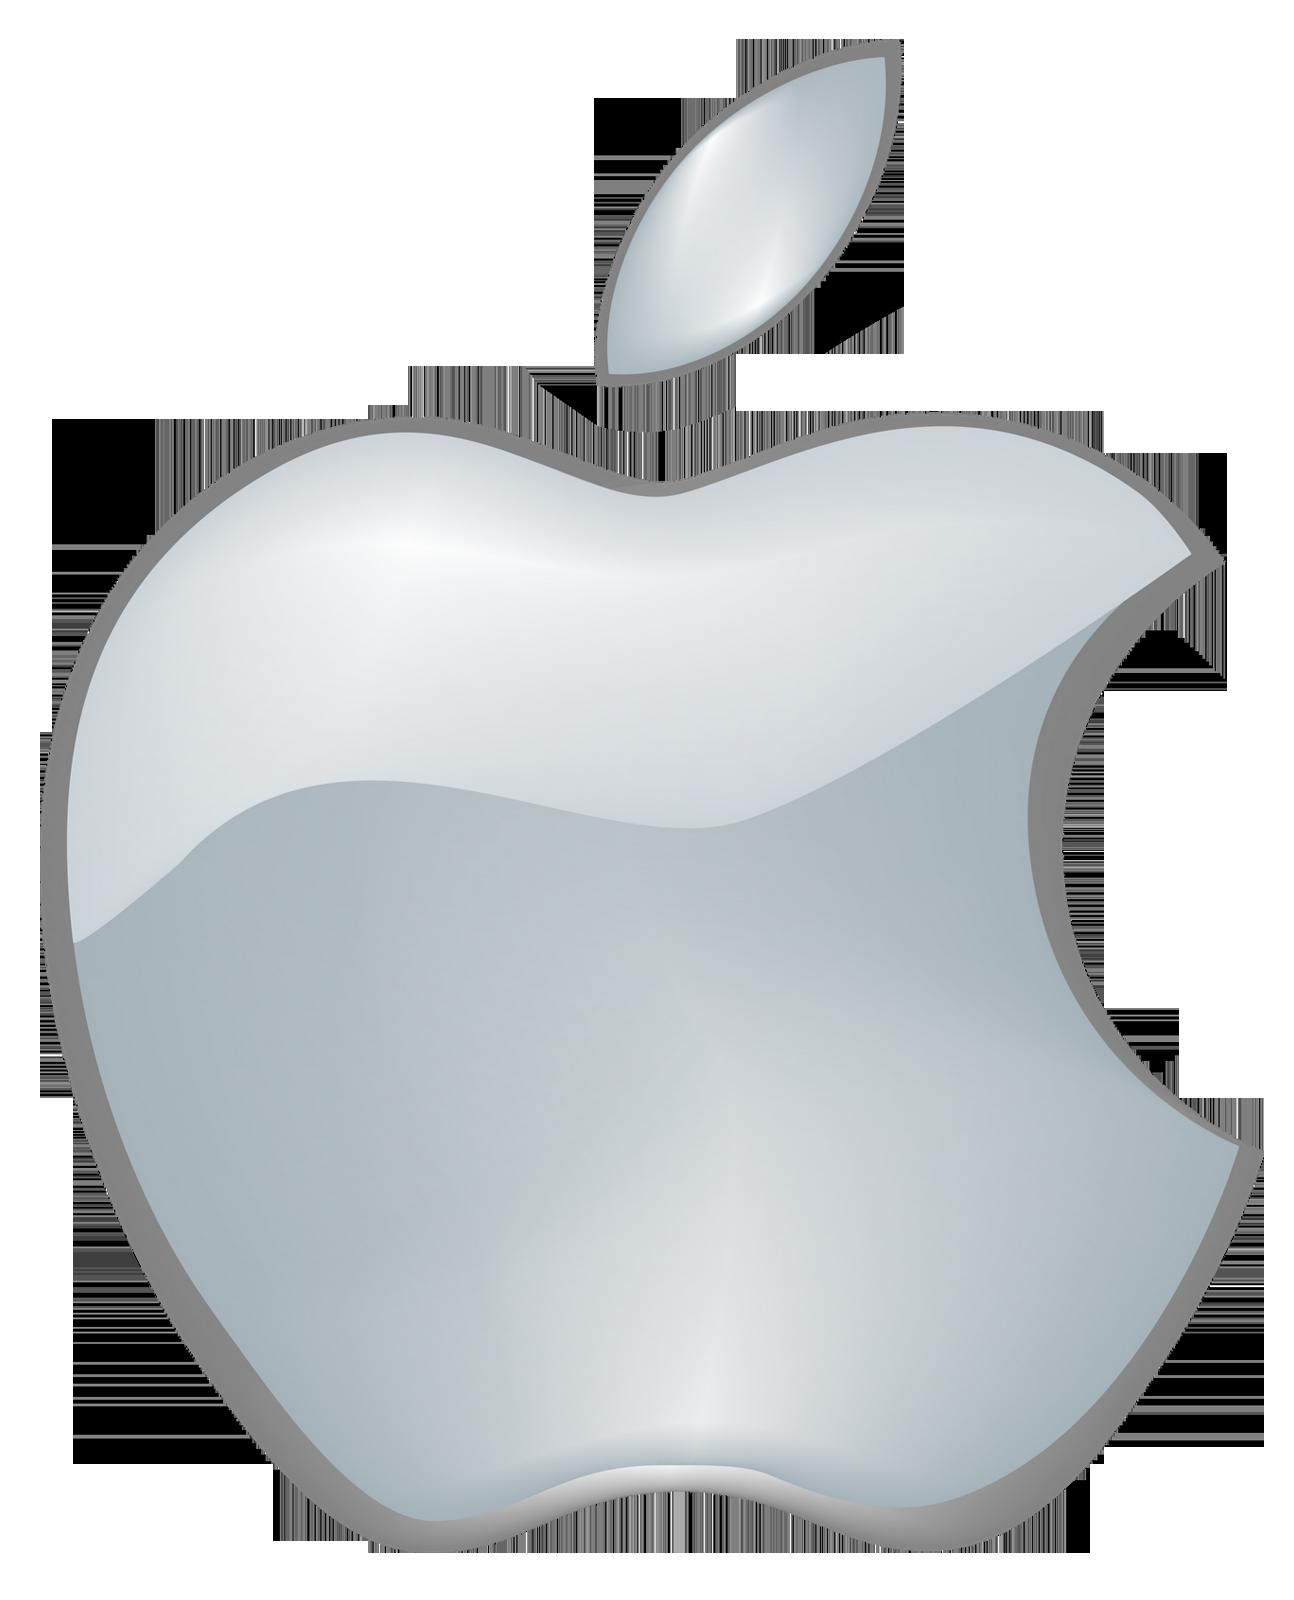 ผลการค้นหารูปภาพสำหรับ apple logo